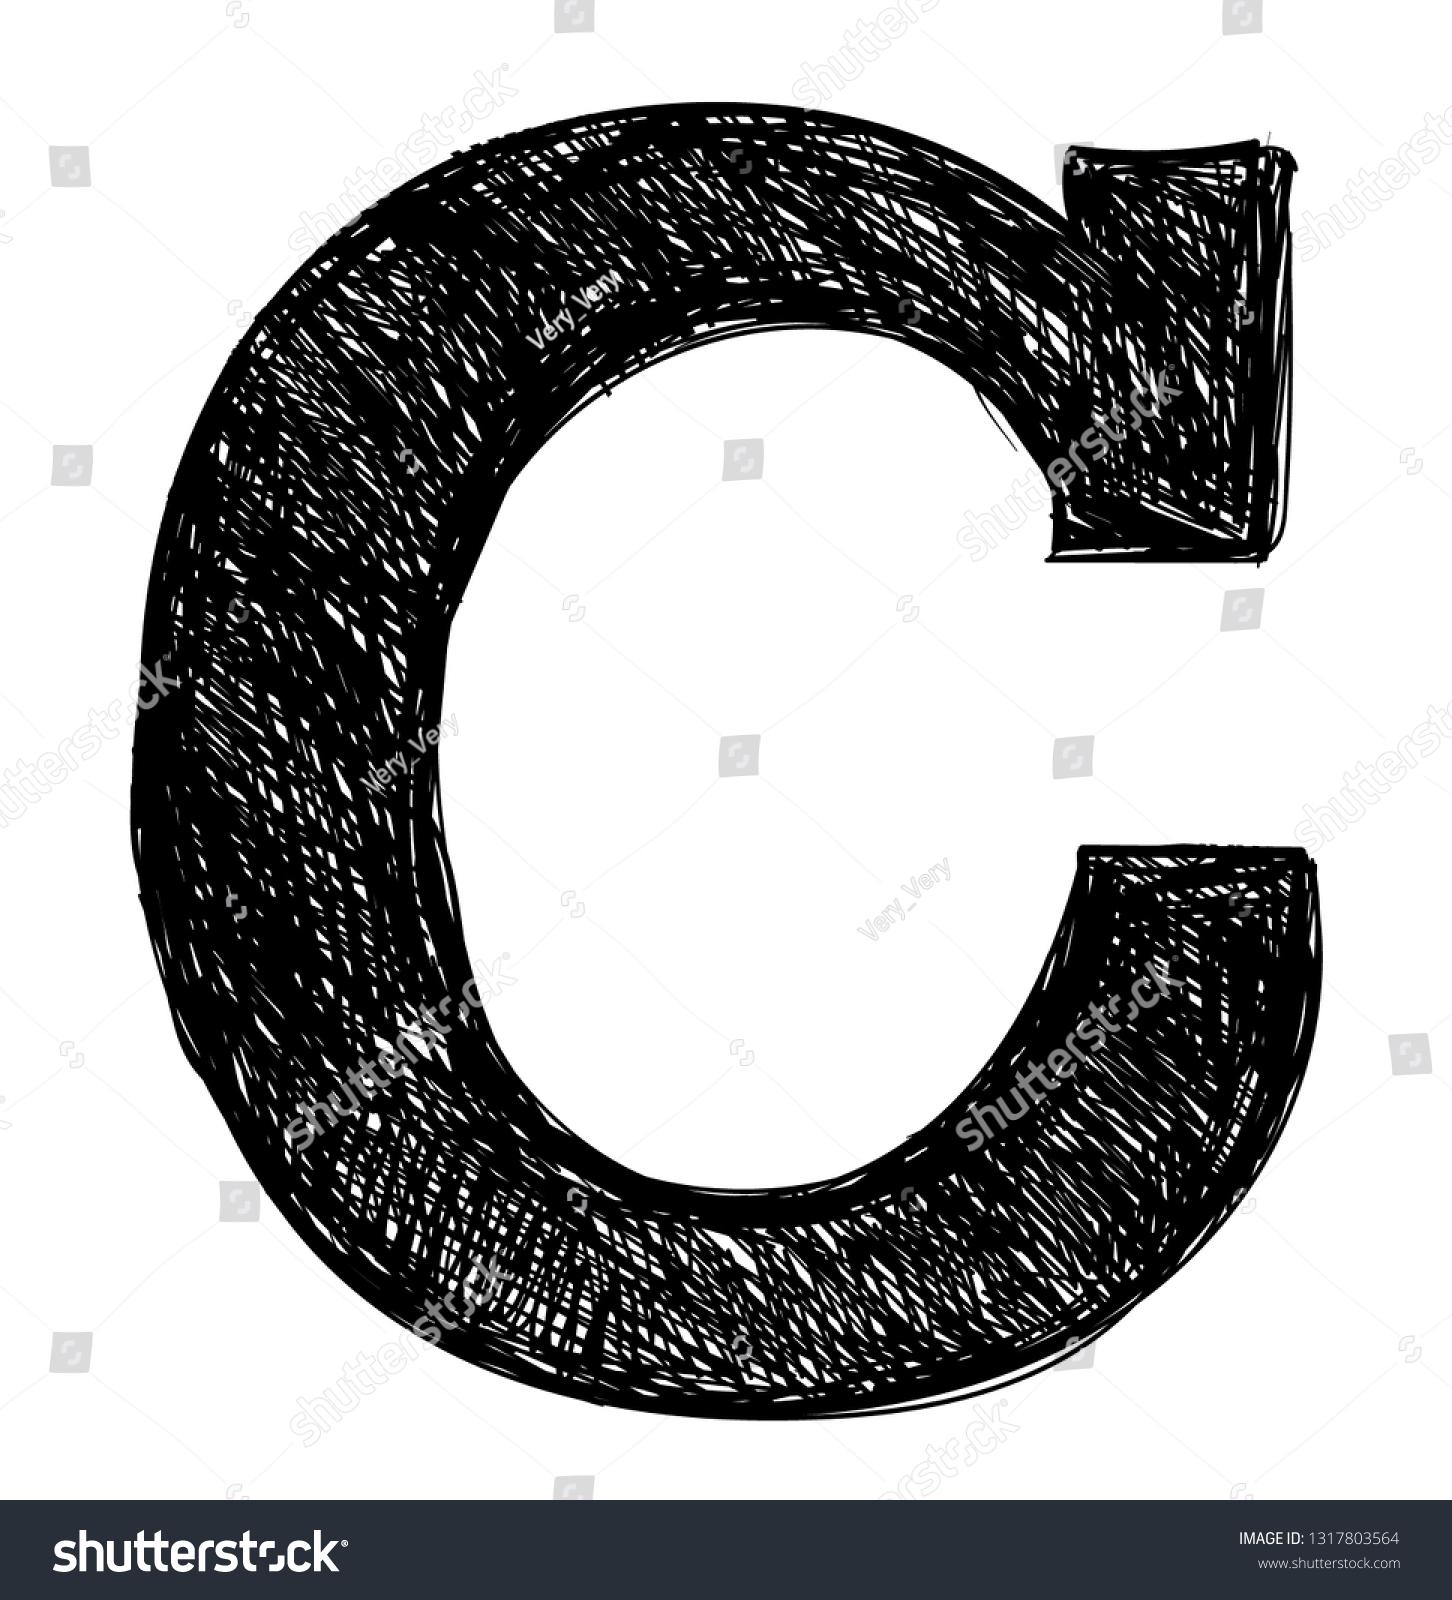 Letter c pencil sketch black color stock vector royalty